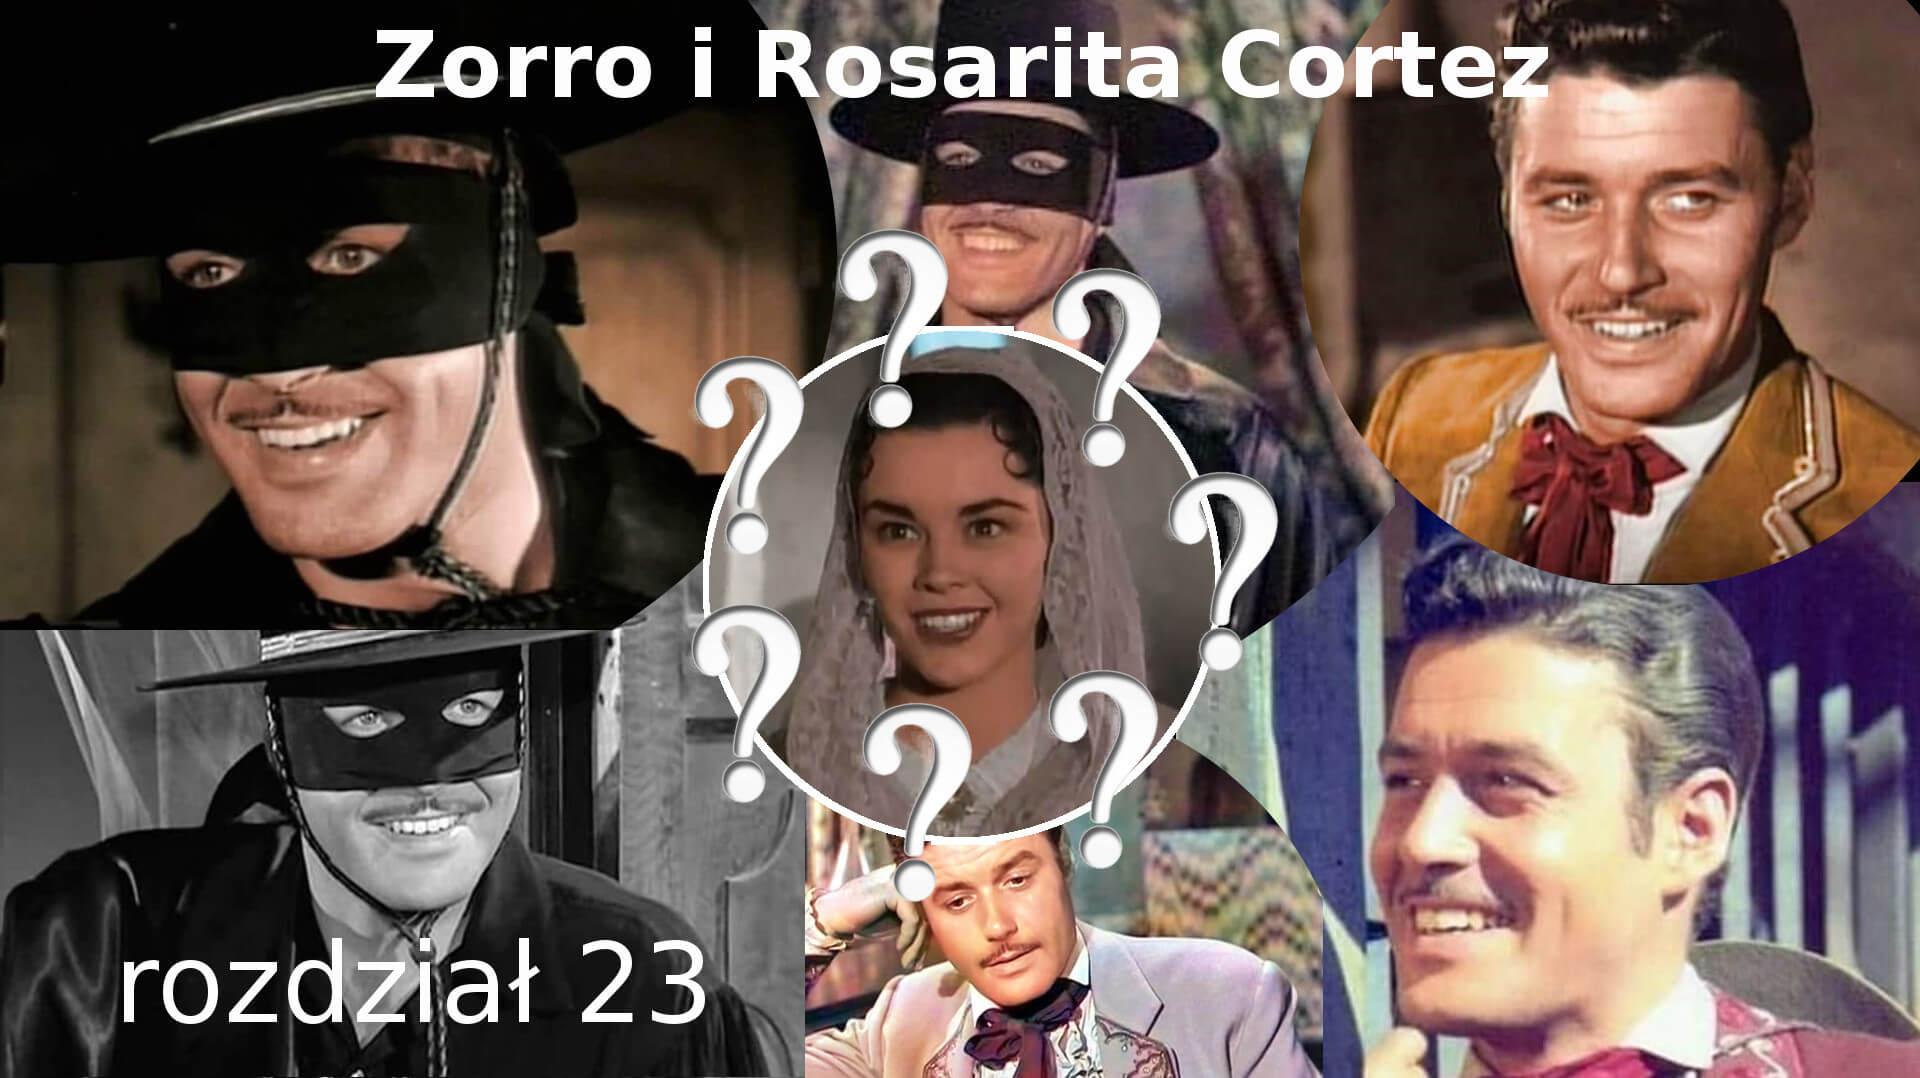 Zorro i Rosarita Cortez rozdział 23 Zorro fanfiction